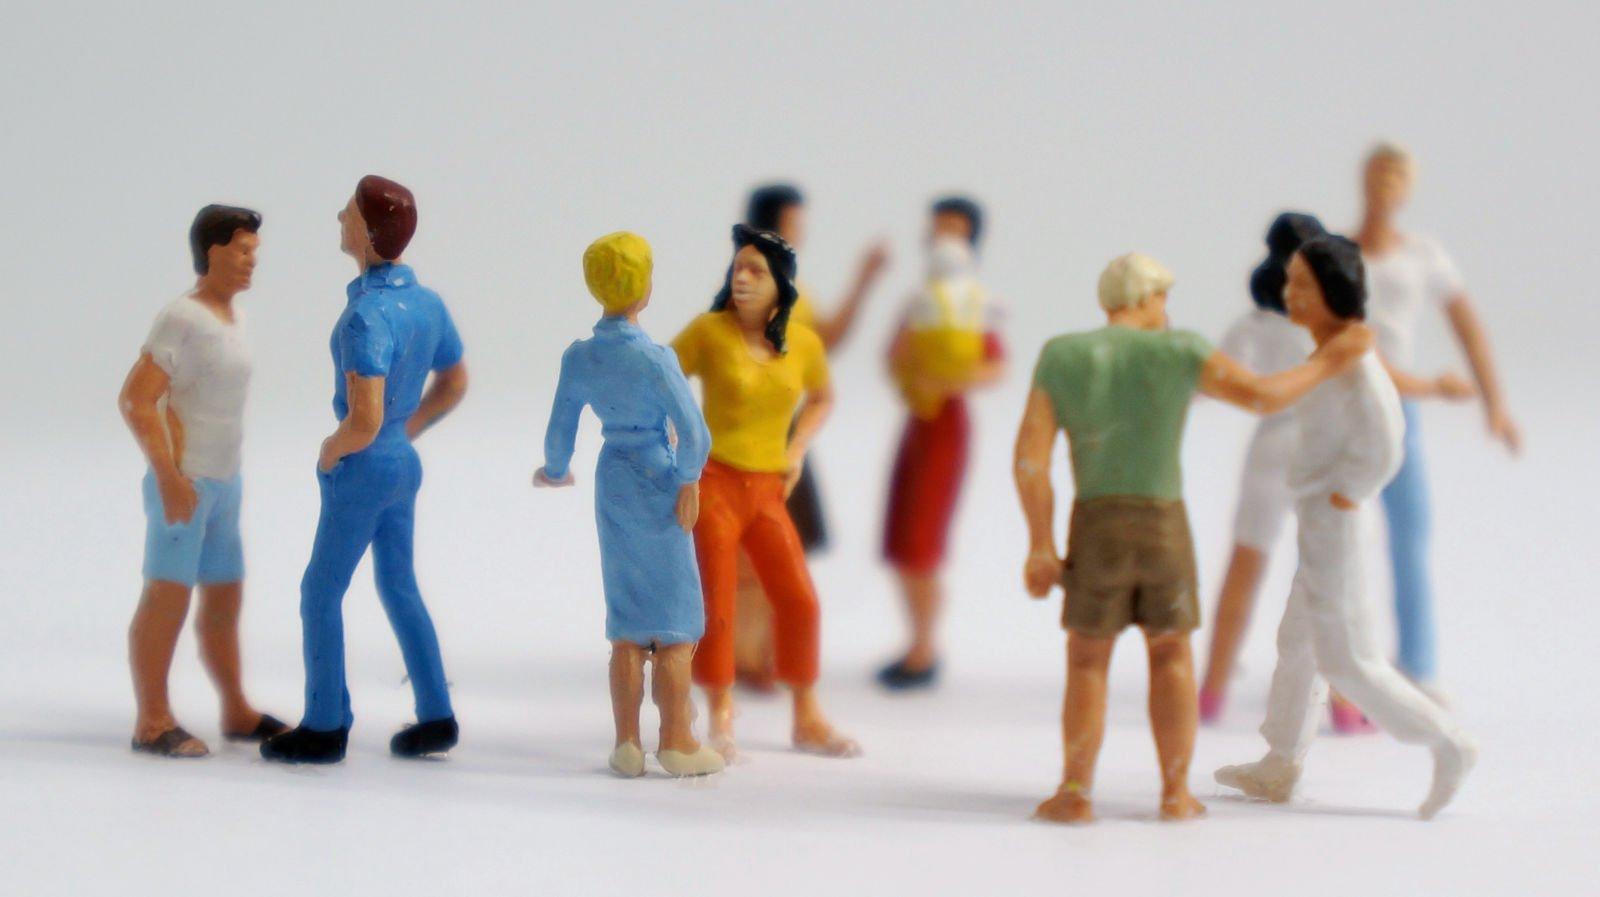 Du suchst Gleichgesinnte für ein gemeinschaftliches Leben? Bei bring-together findest Du täglich neue Menschen, die nach Gemeinschaft suchen.